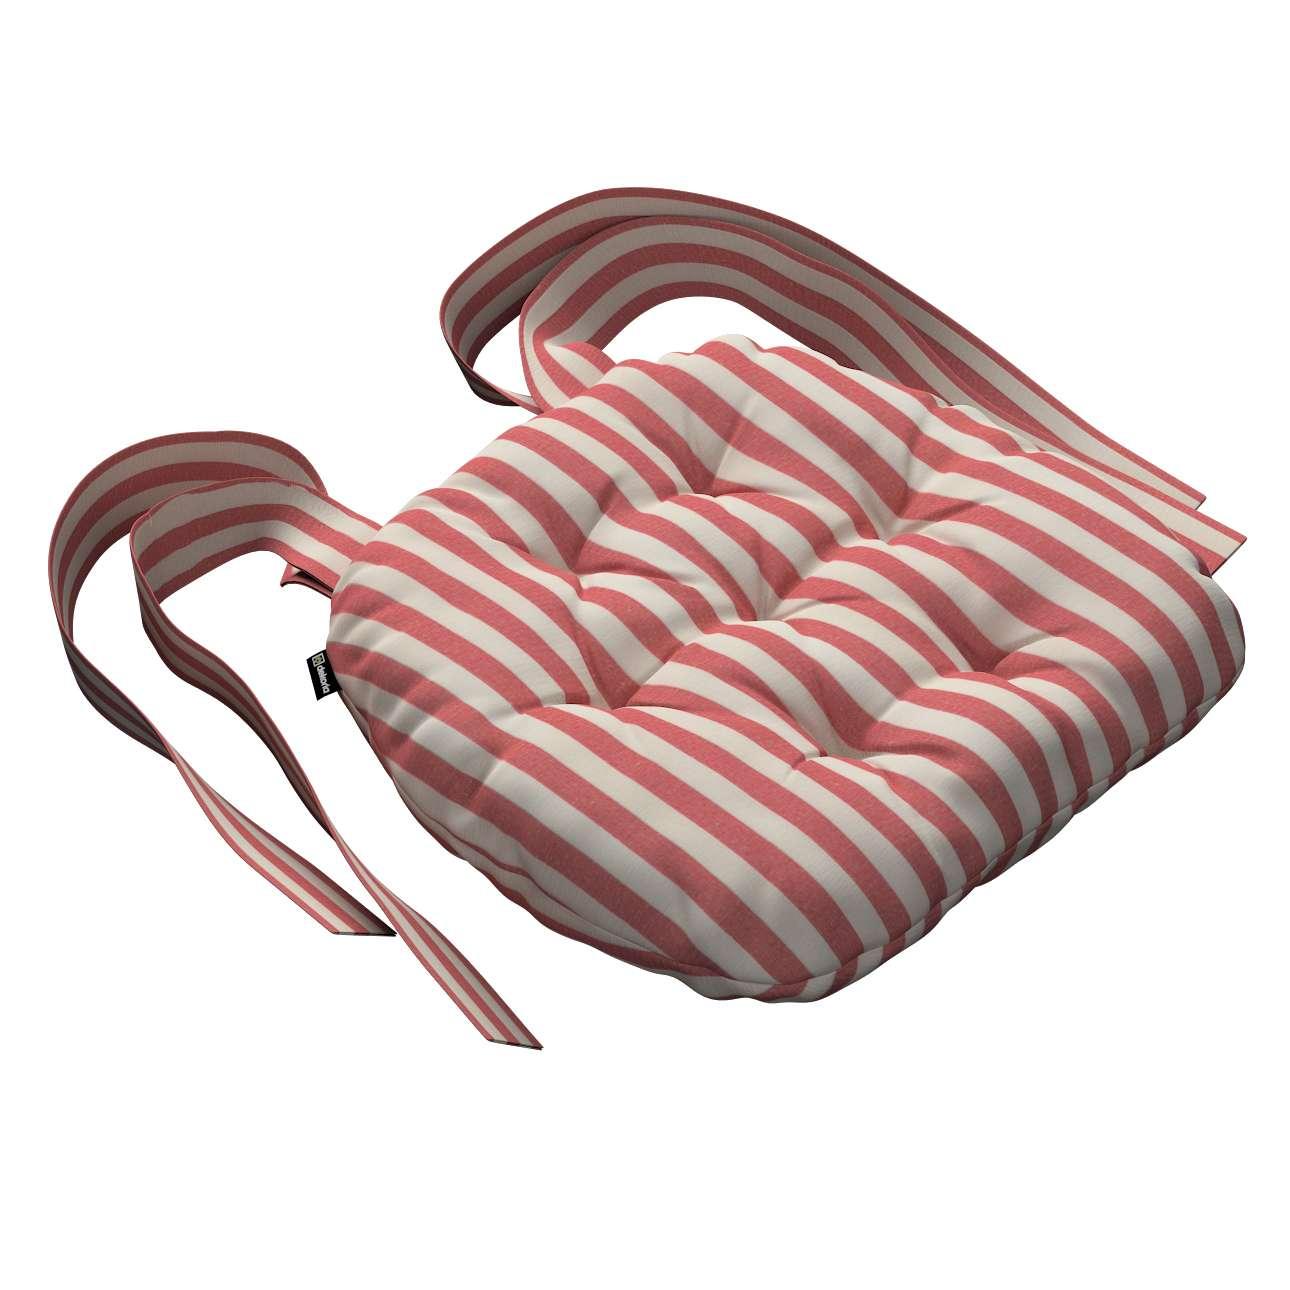 Kėdės pagalvėlė Marcin (apvaliais kraštais) 40 x 37 x 8 cm kolekcijoje Quadro, audinys: 136-17